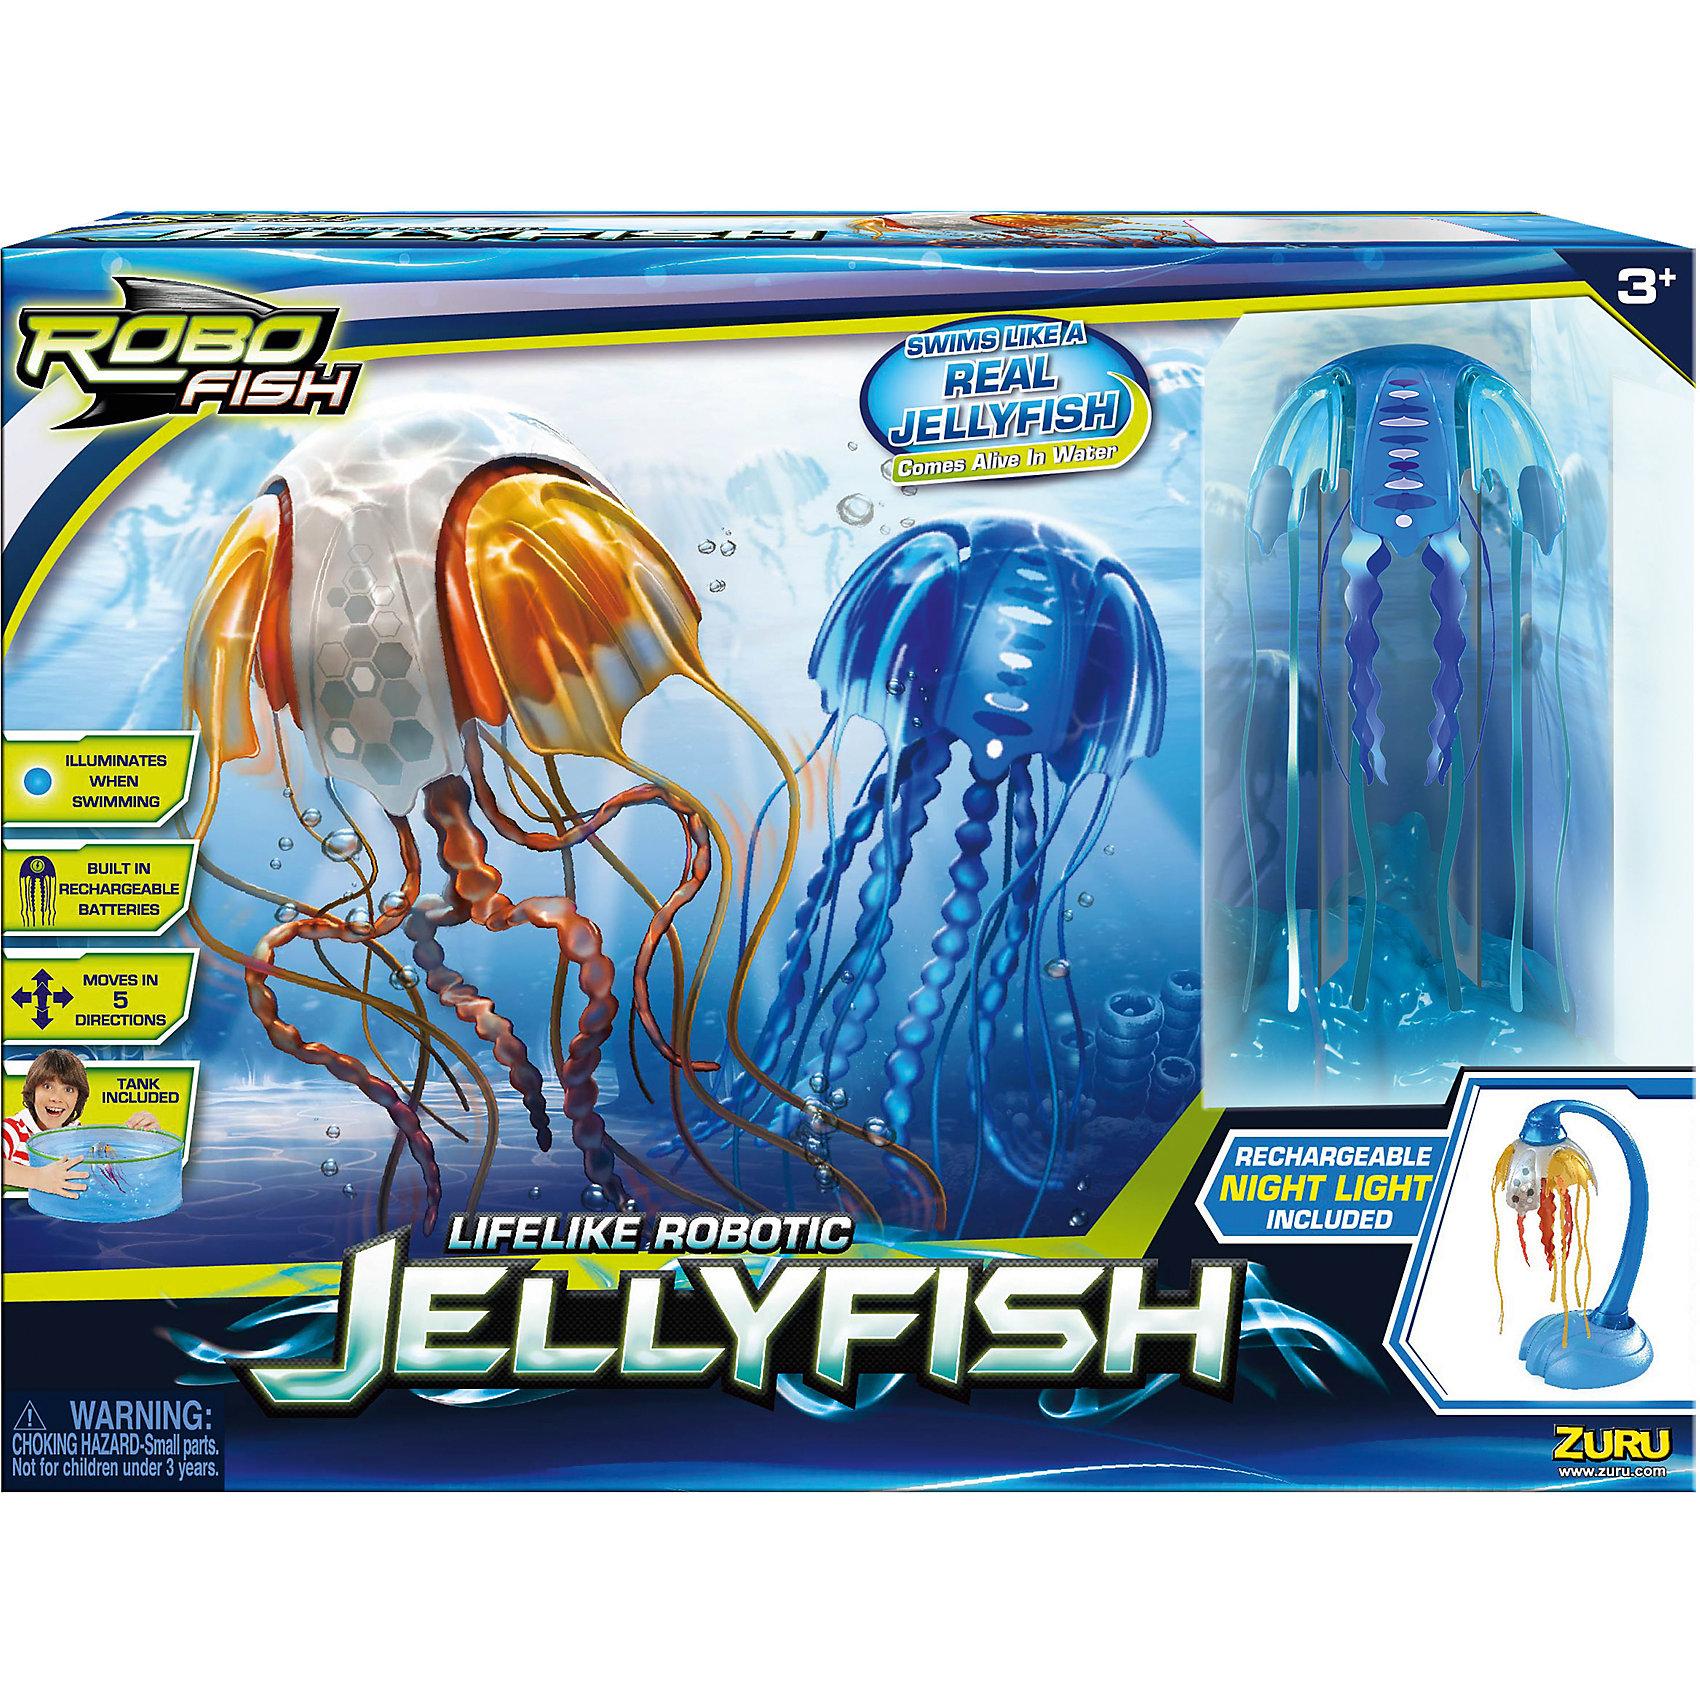 РобоМедуза синяя с Аквариумом, ZURUНовая плавающая игрушка, созданная по новейшей микро-робо технологии. РобоМедуза  активируется при погружении в воду, плывет в 5 направлениях, точно копируя грациозные движения настоящих медуз. В игрушку встроены светодиодные лампочки, светящиеся по очереди тремя цветами - розовым, голубым и зеленым. При подключении к зарядному устройству, Медуза превращается в светильник-ночник. <br><br>Дополнительная информация:<br><br>- Материал: пластик.<br>- Размер аквариума: d-40 см. <br>- Элемент питания: встроенные аккумуляторные батареи.<br>- Батареи заряжаются в зарядном устройстве. <br>- Комплектация: 1 РобоМедуза, 1  складной аквариум, 1  зарядное устройство-ночник.<br><br>РобоМедузу (синюю), с аквариумом, ZURU (Зуру) можно купить в нашем магазине.<br><br>Ширина мм: 108<br>Глубина мм: 400<br>Высота мм: 290<br>Вес г: 2400<br>Возраст от месяцев: 36<br>Возраст до месяцев: 96<br>Пол: Унисекс<br>Возраст: Детский<br>SKU: 4357366